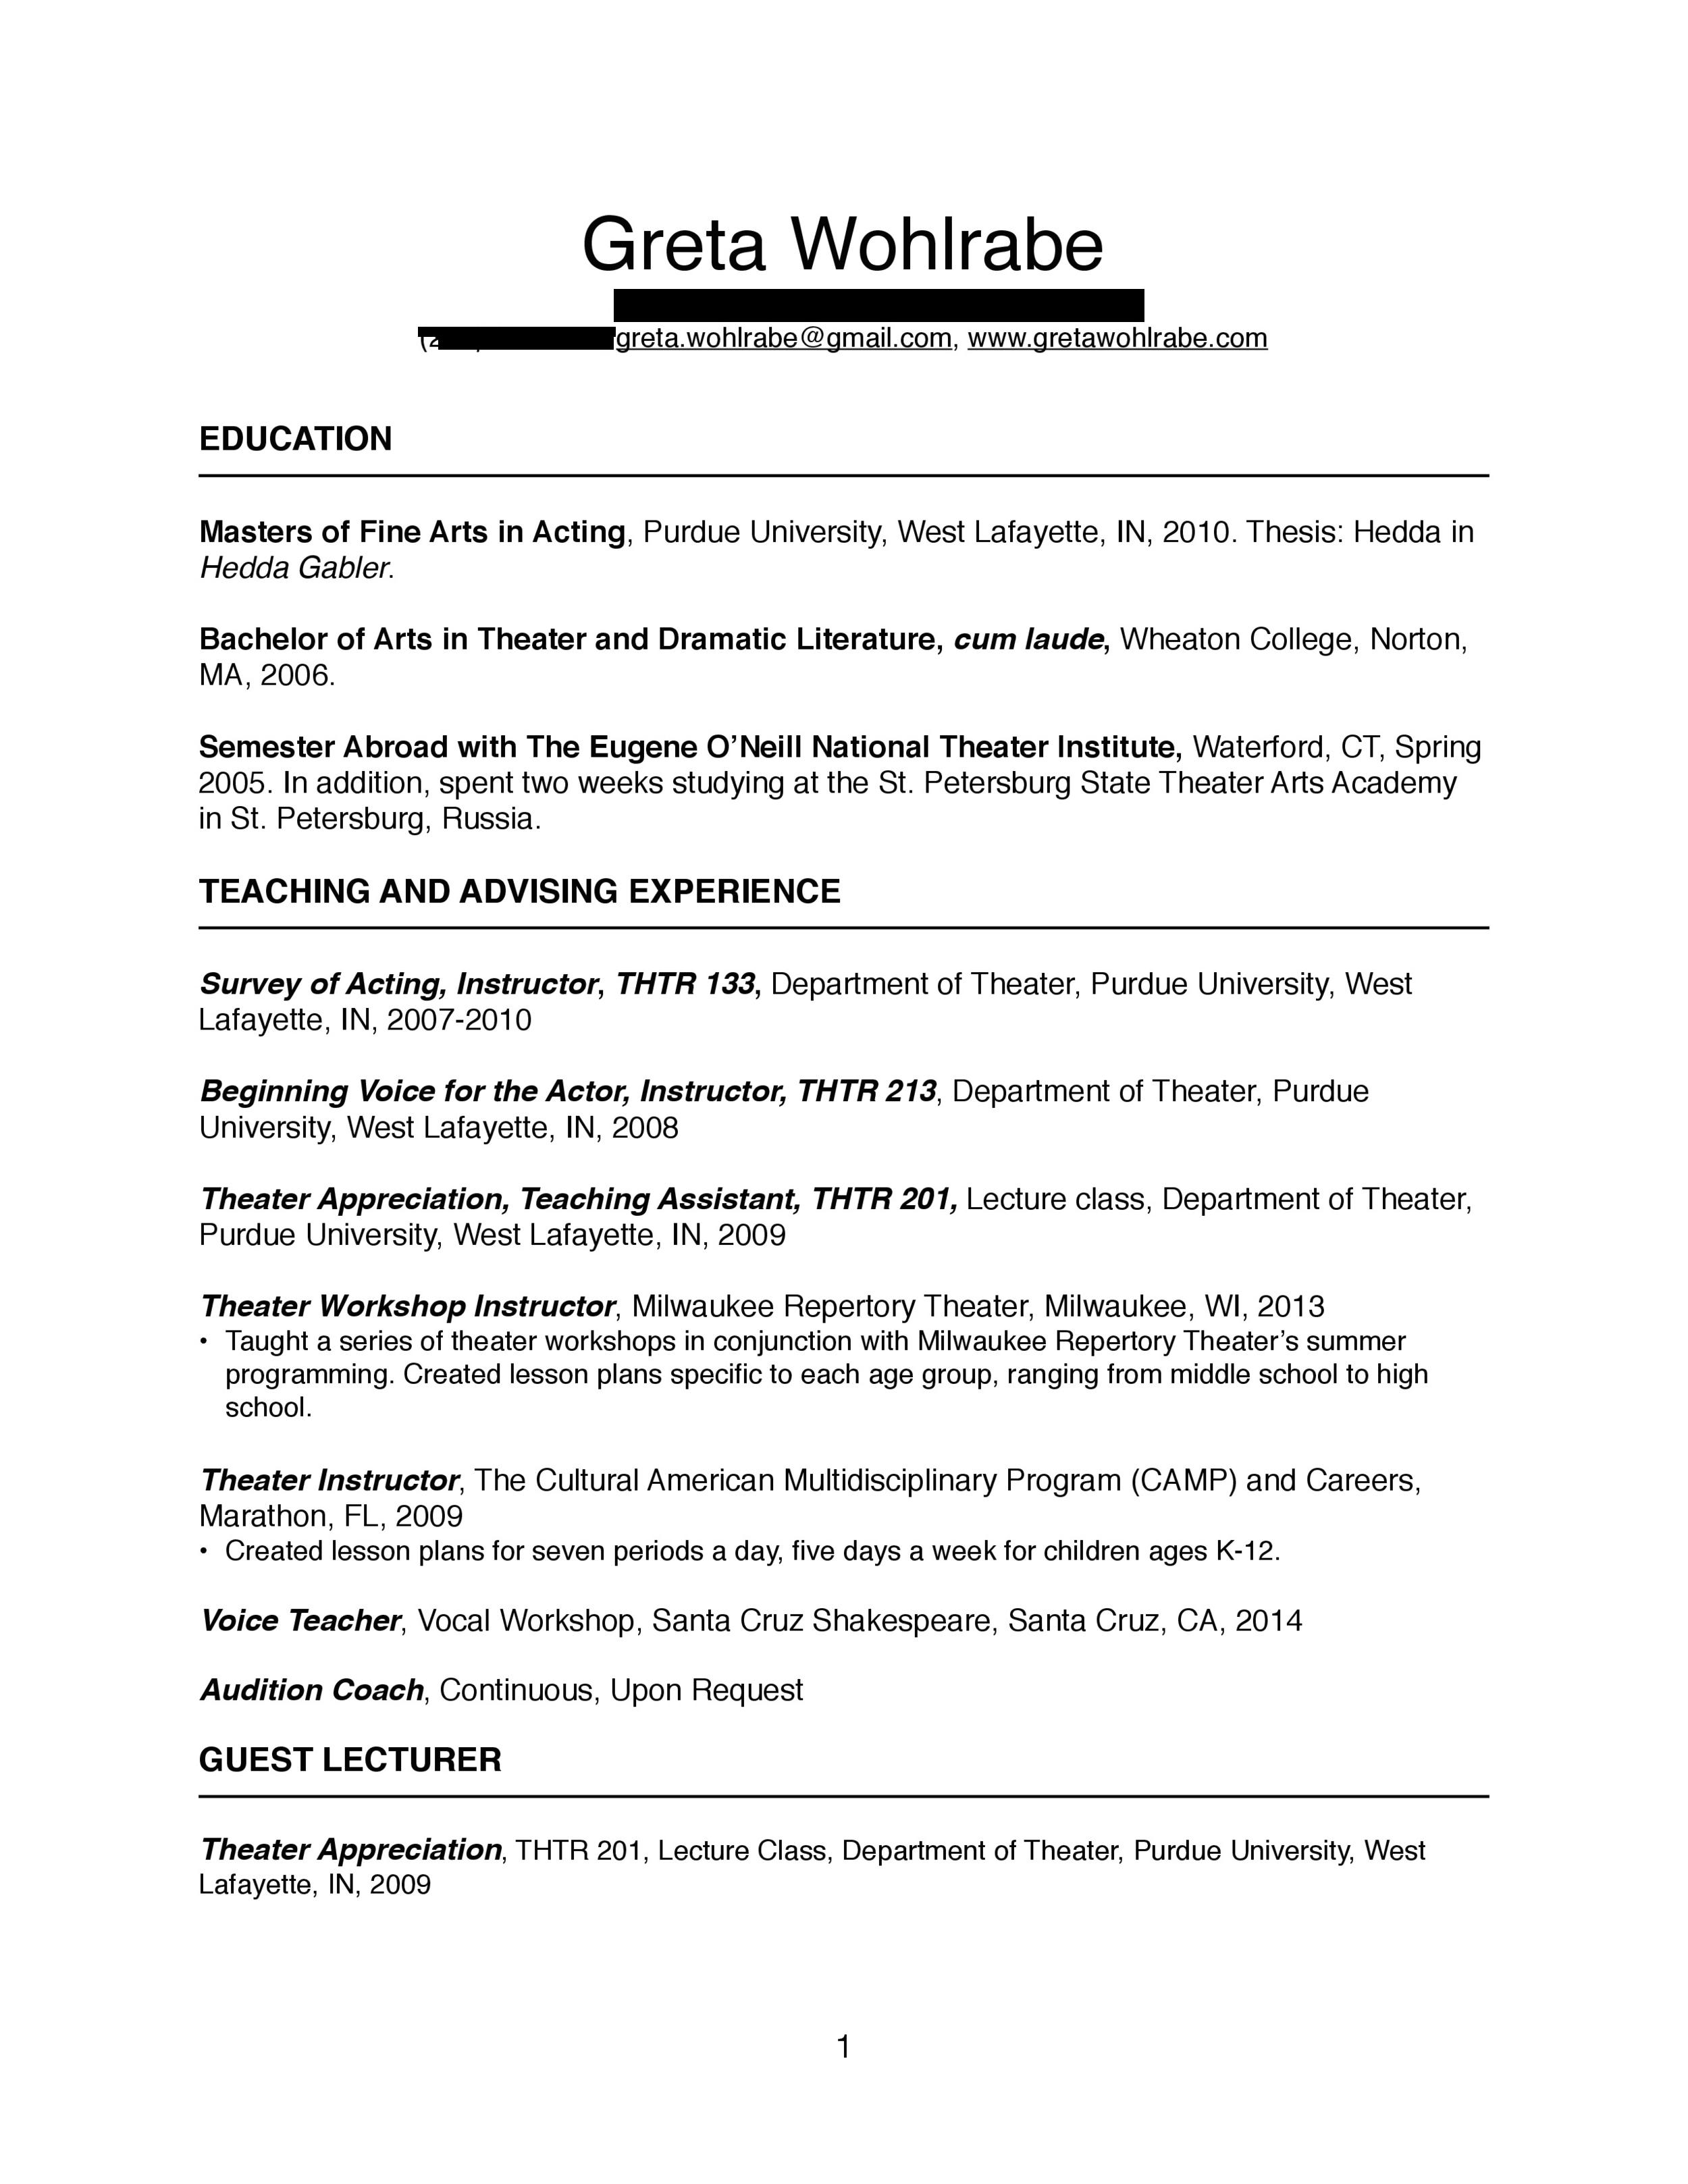 Curriculum Vitae 2014 pdf-page-0.jpg